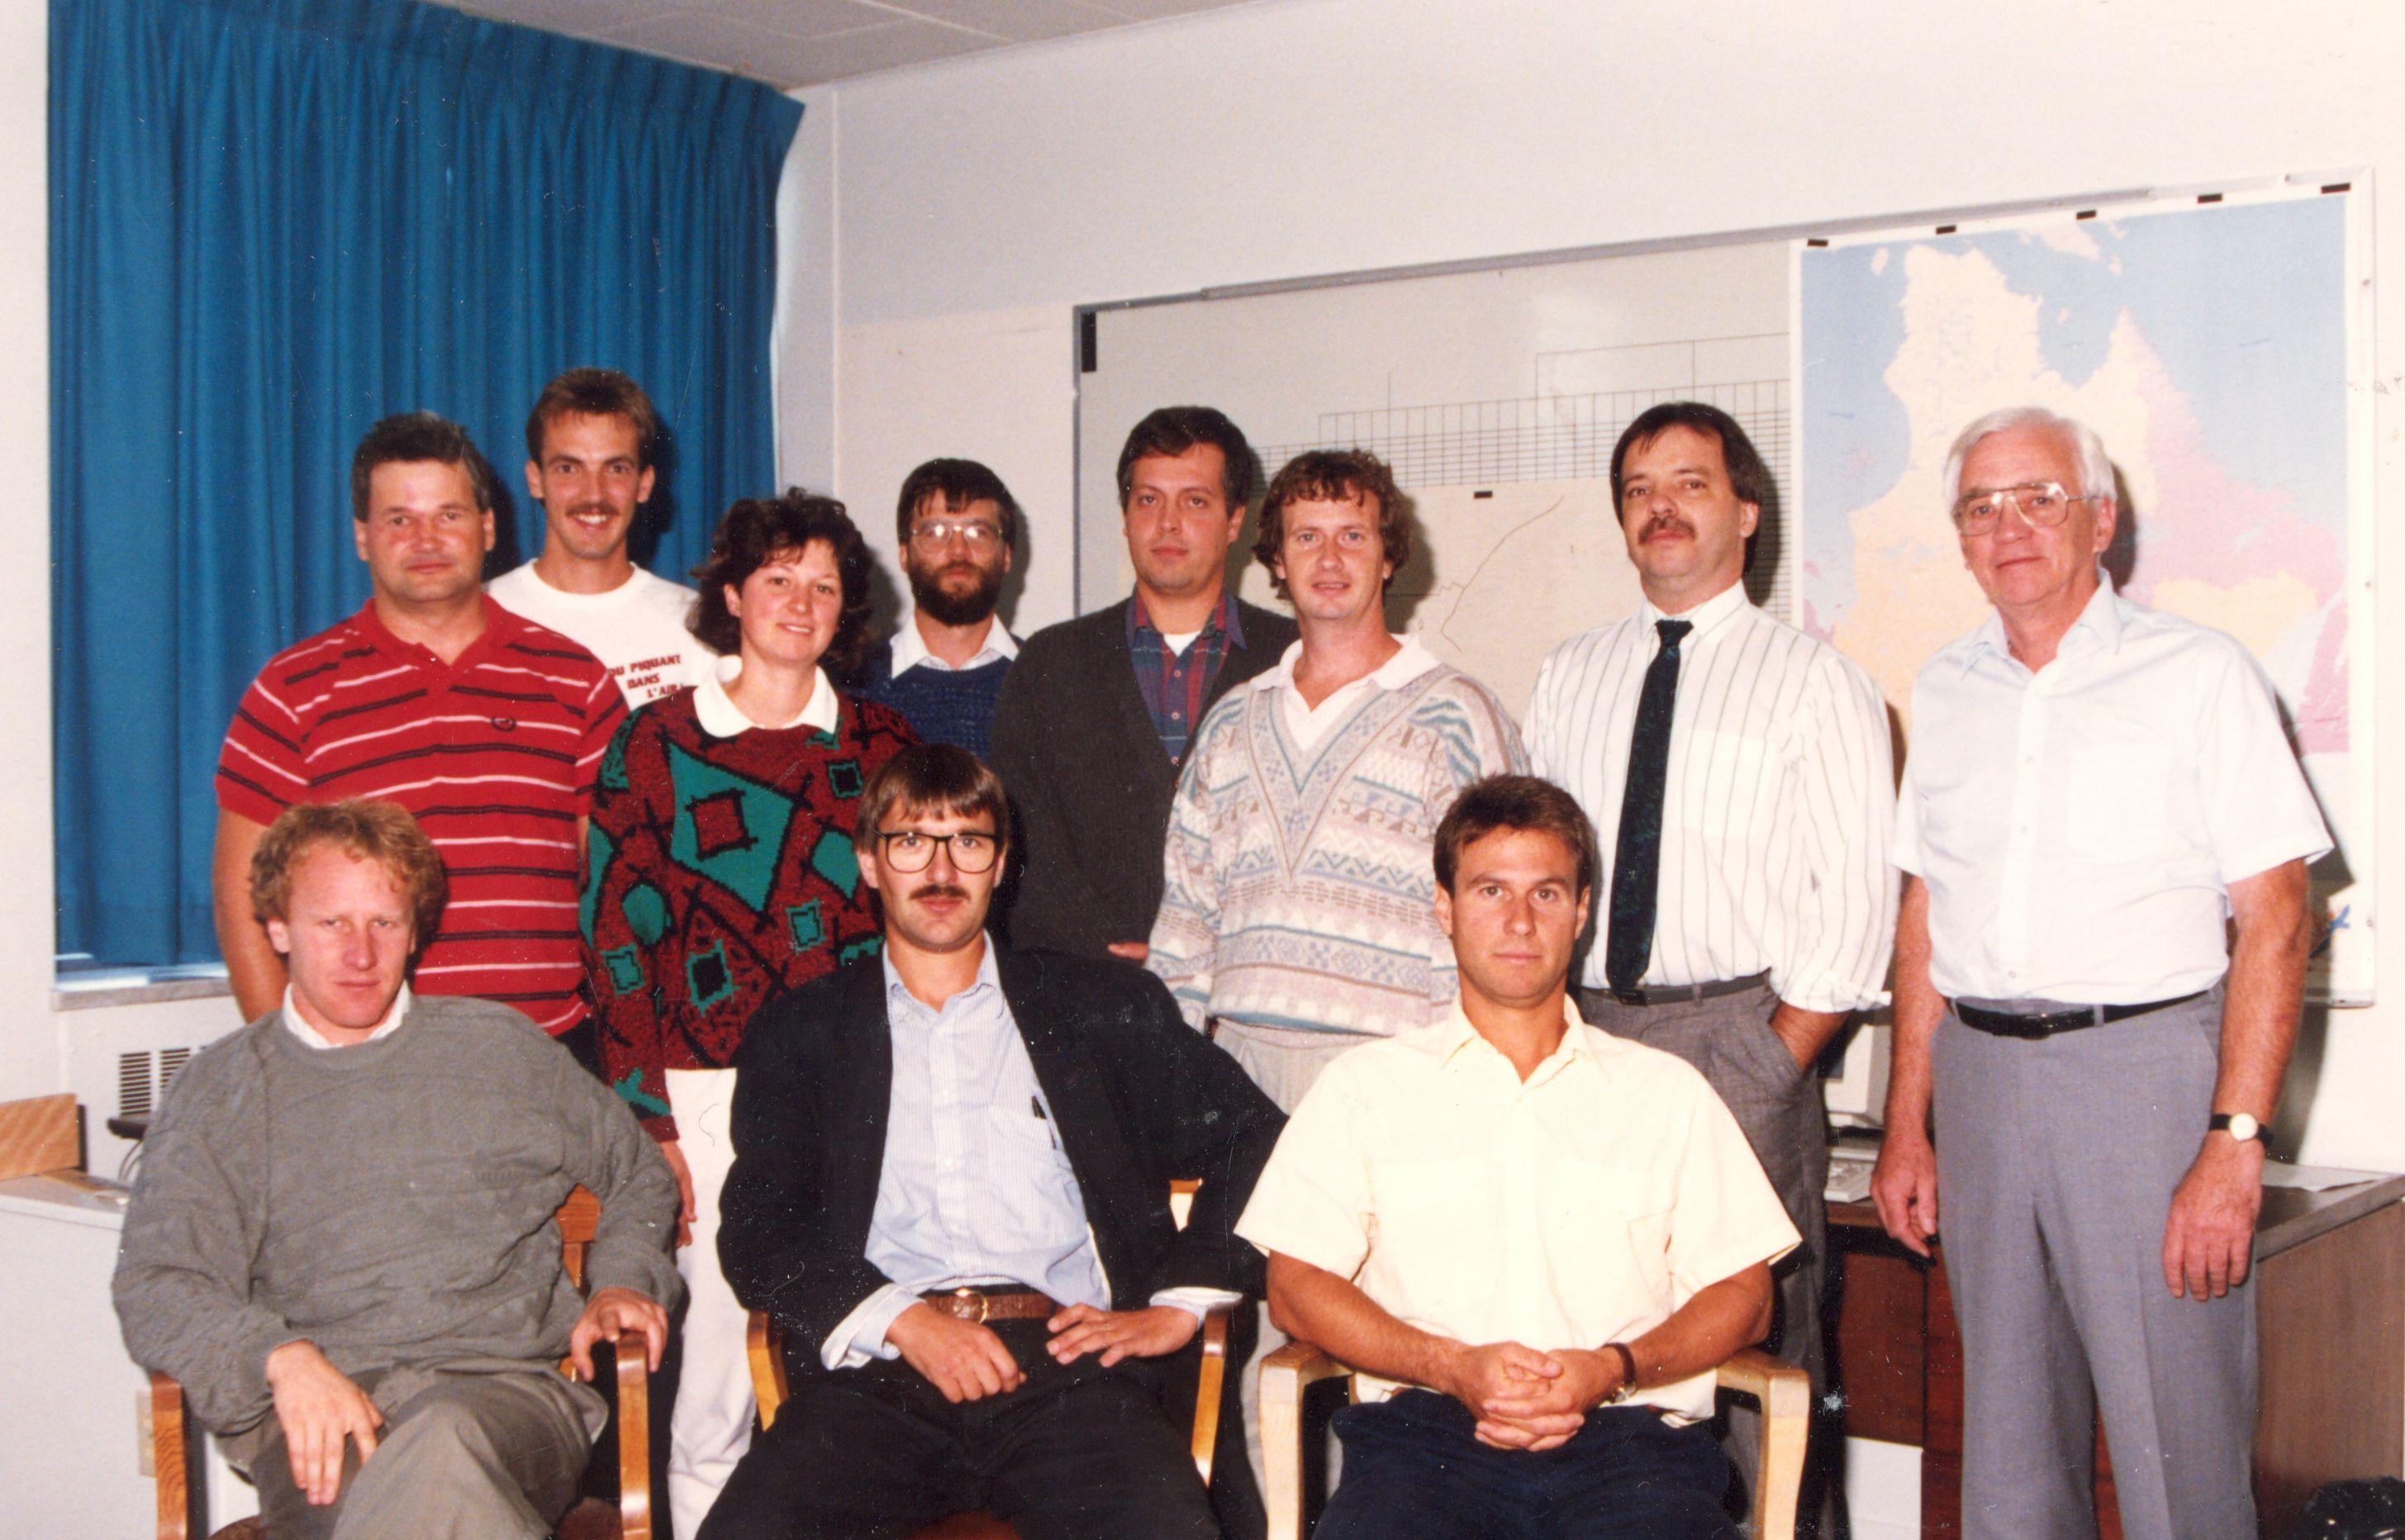 1990-GEEA-Michel Cote-Michel Jette-Daniel Levesque-Vital GAgnon-Christian Bourdeau-Mireille Gagne